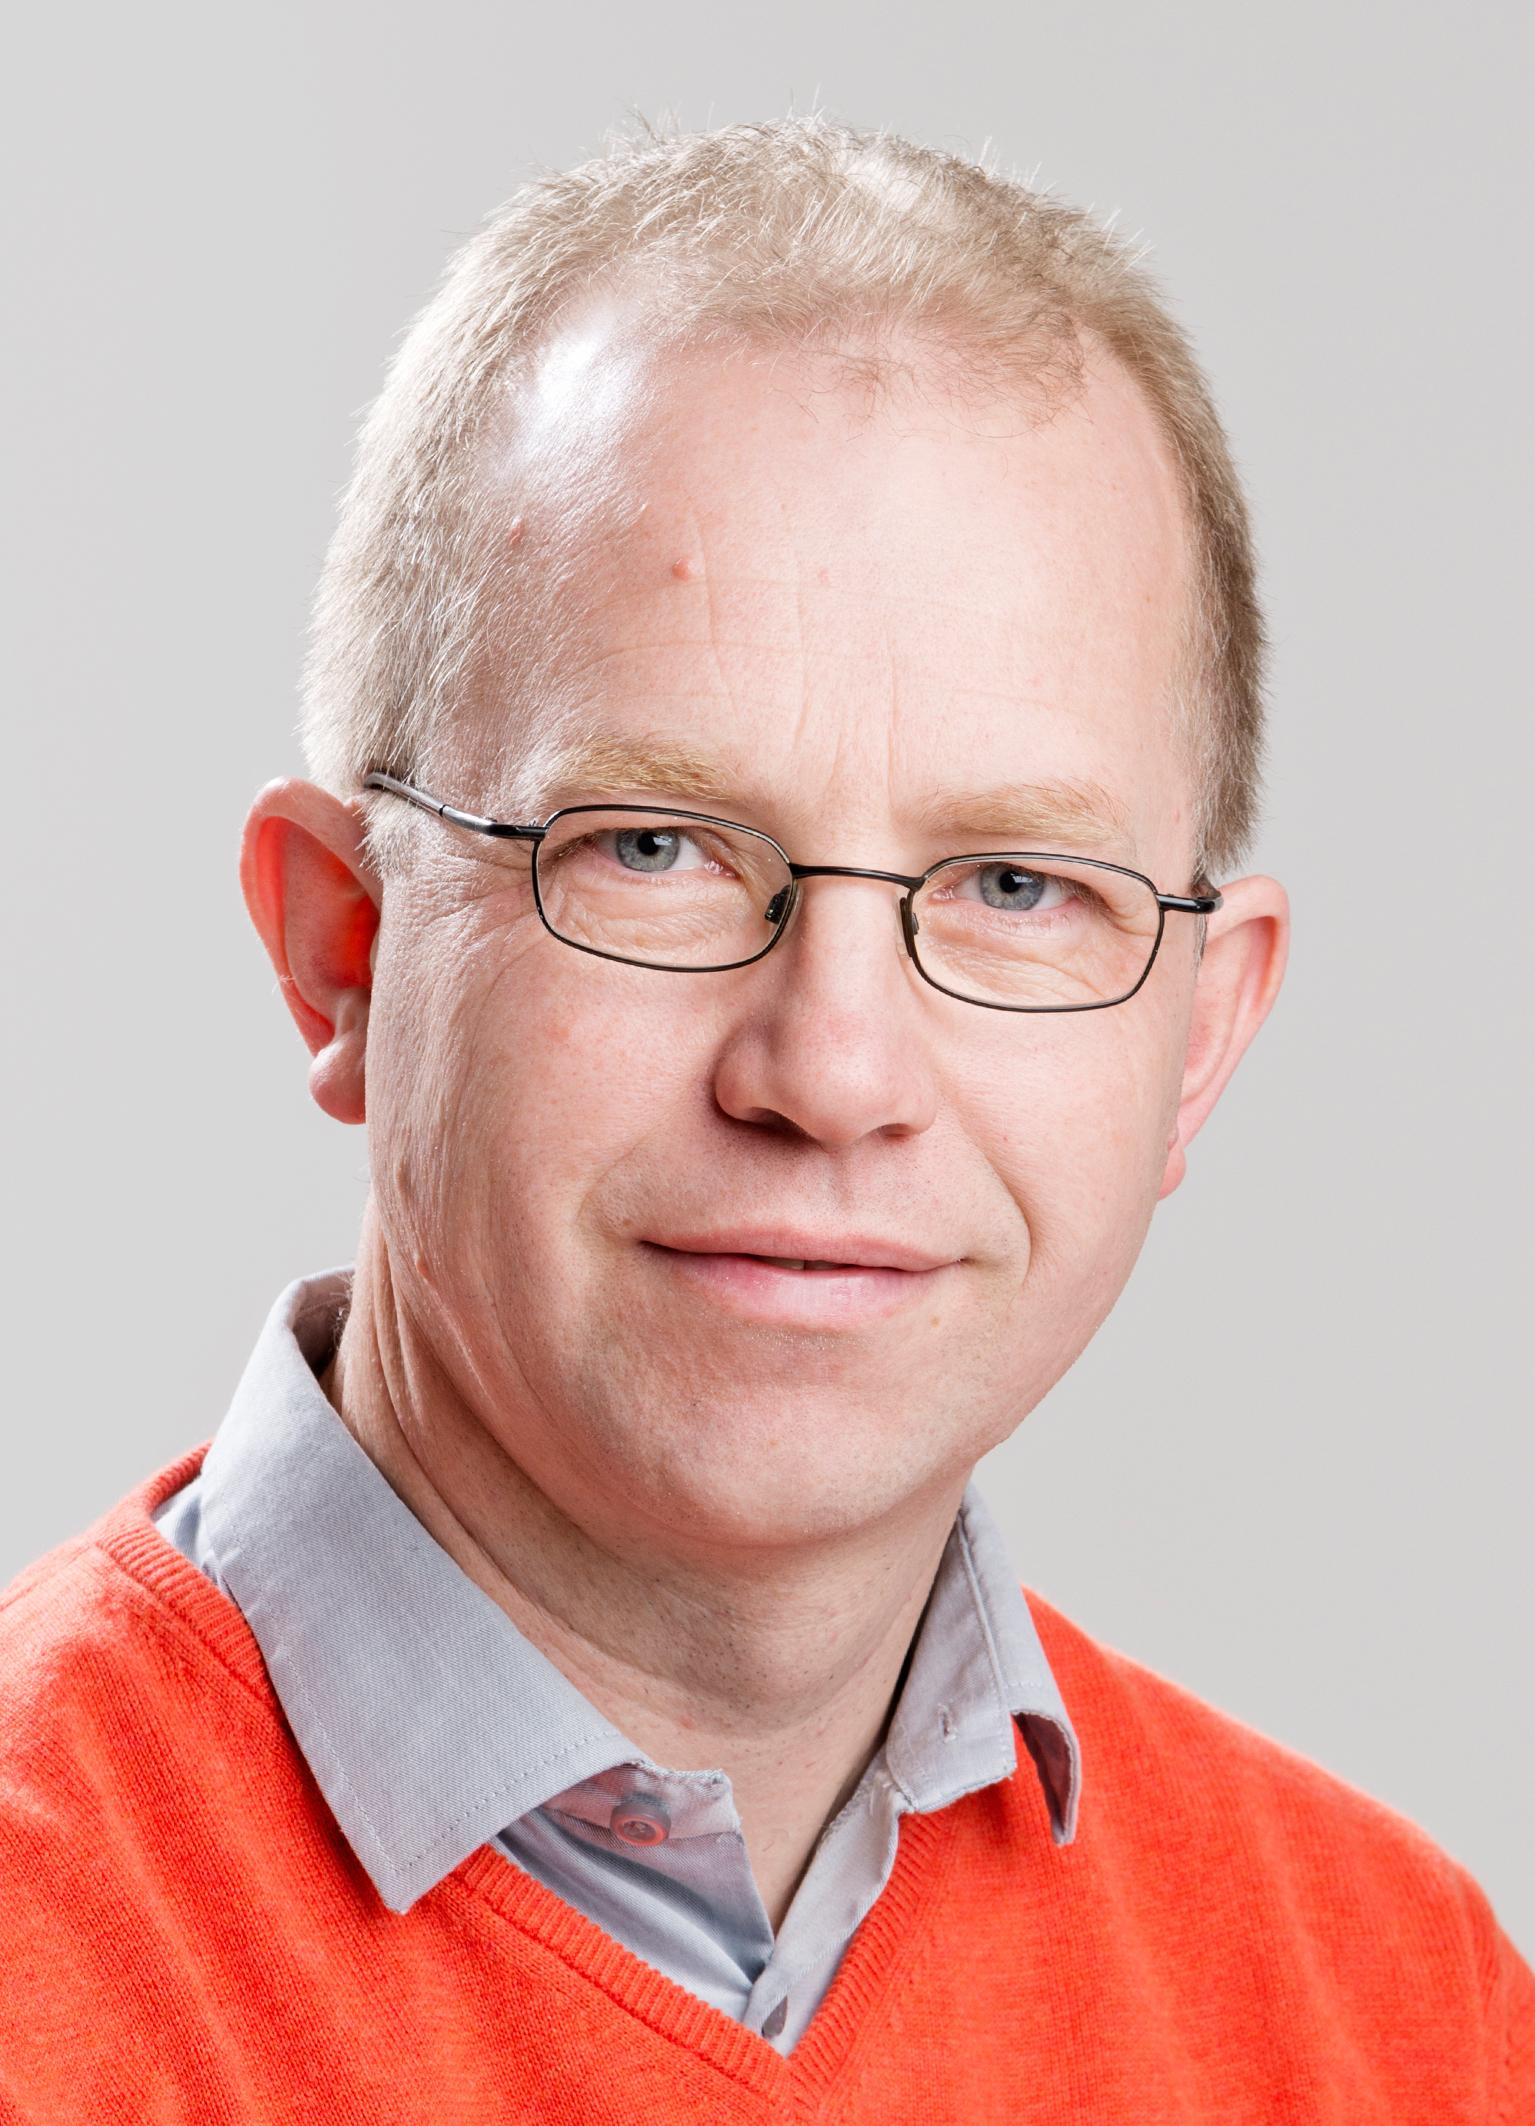 Lars Brekke